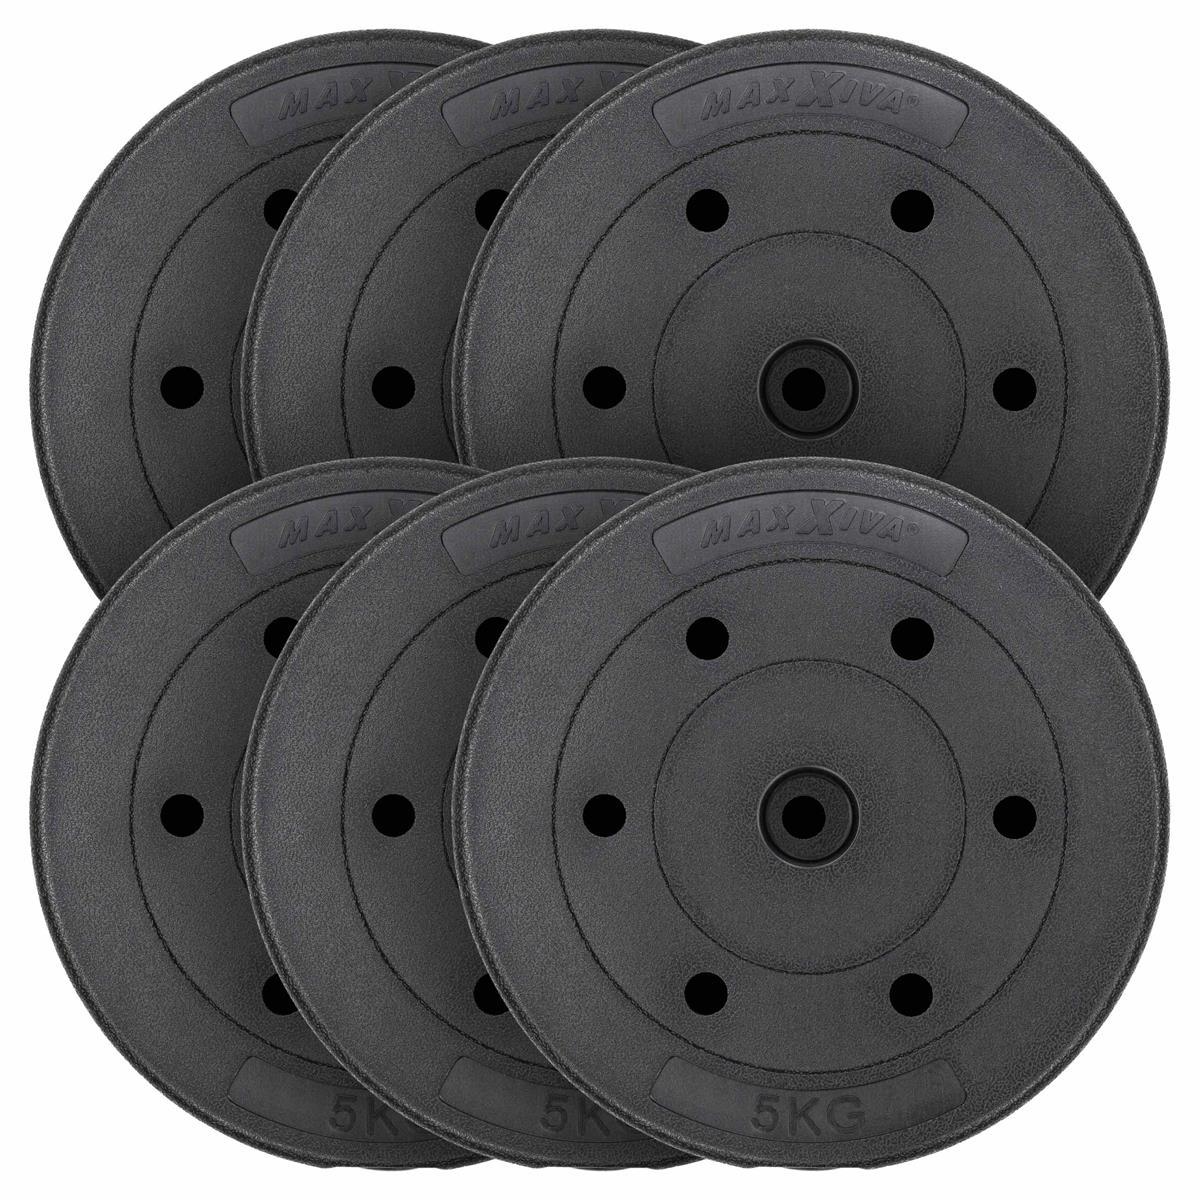 MAXXIVA Hantelscheiben Set Zement 6x5kg schwarz Gewichtsscheiben 30 kg